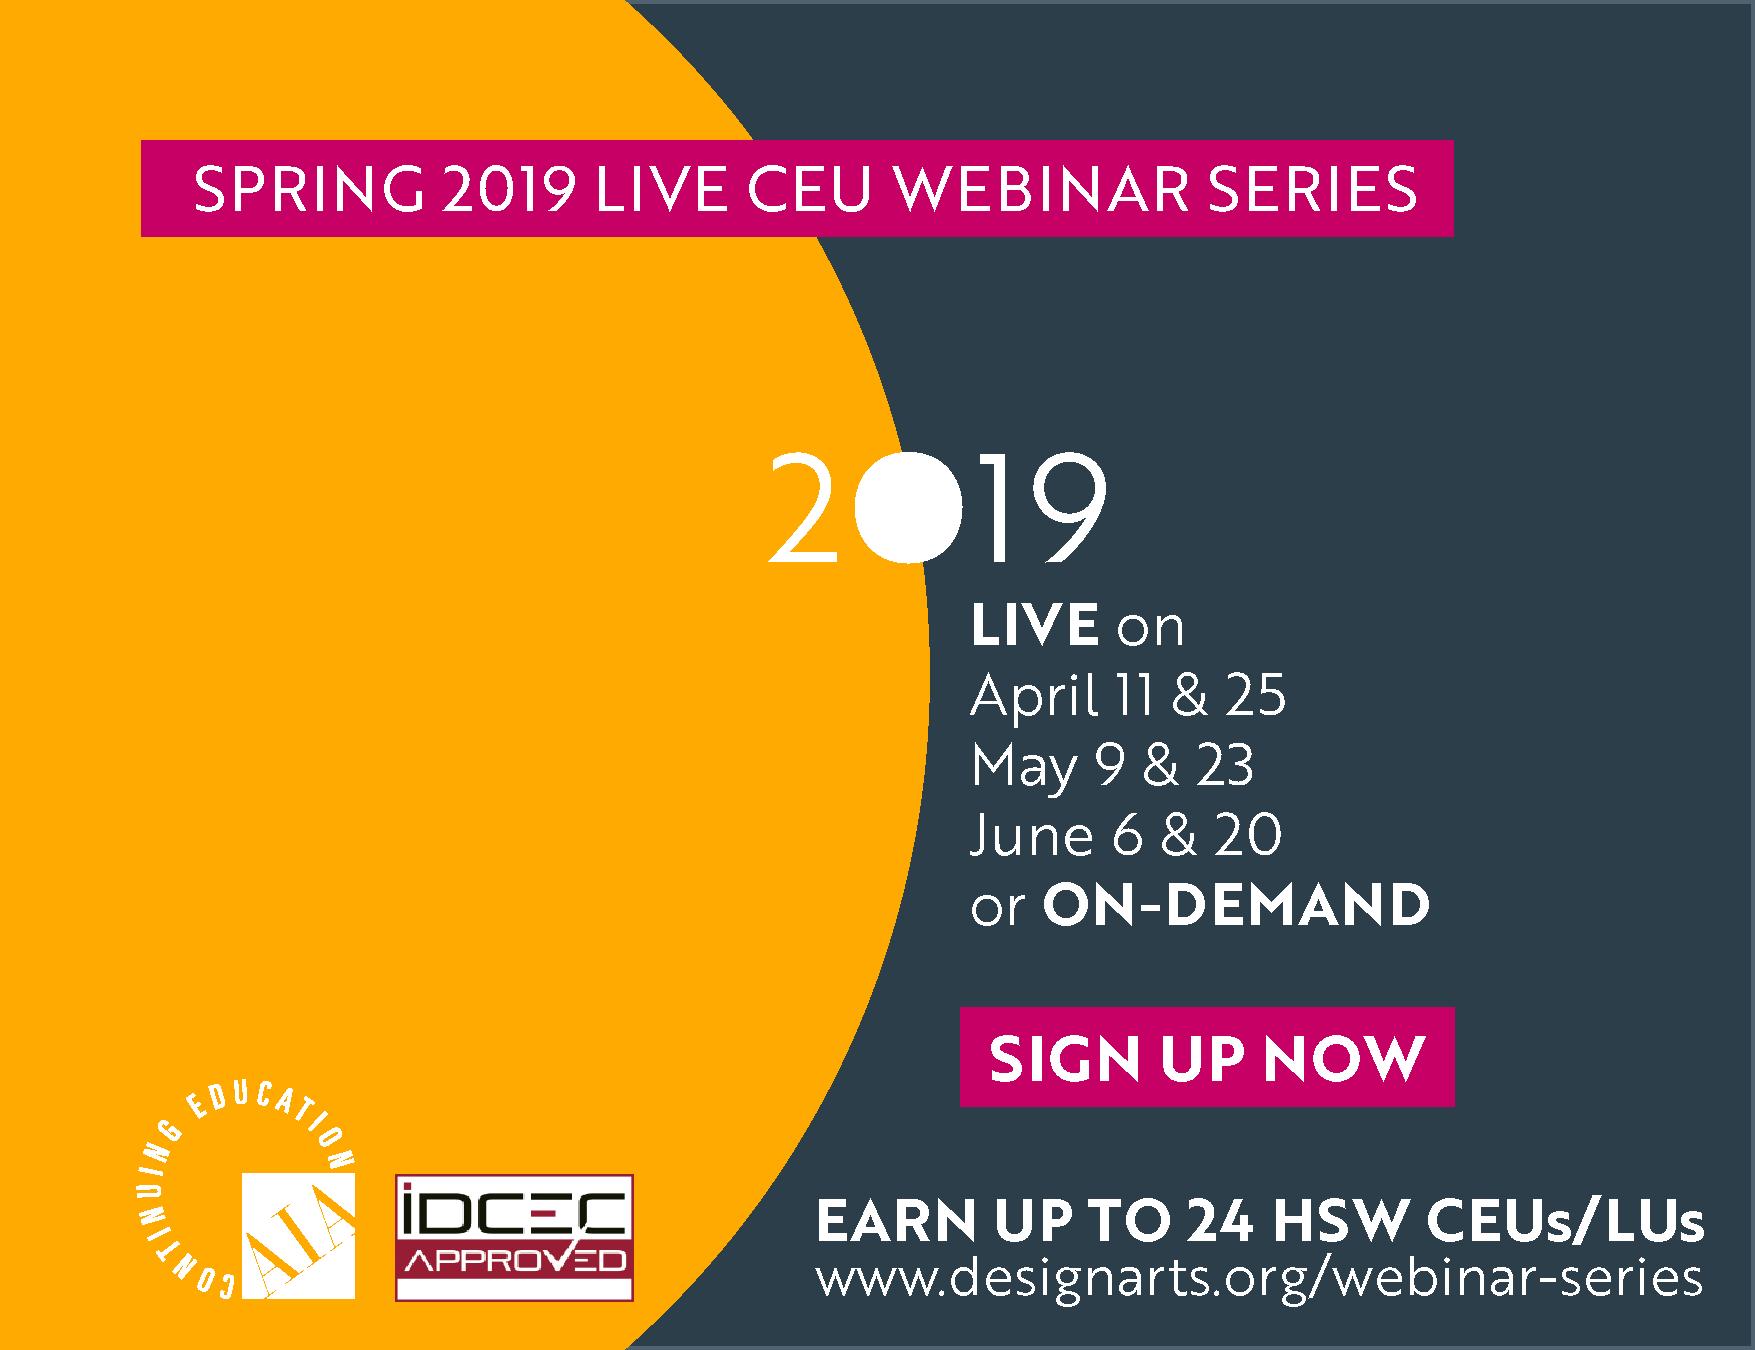 Spring 2019 Live CEU Webinar Series